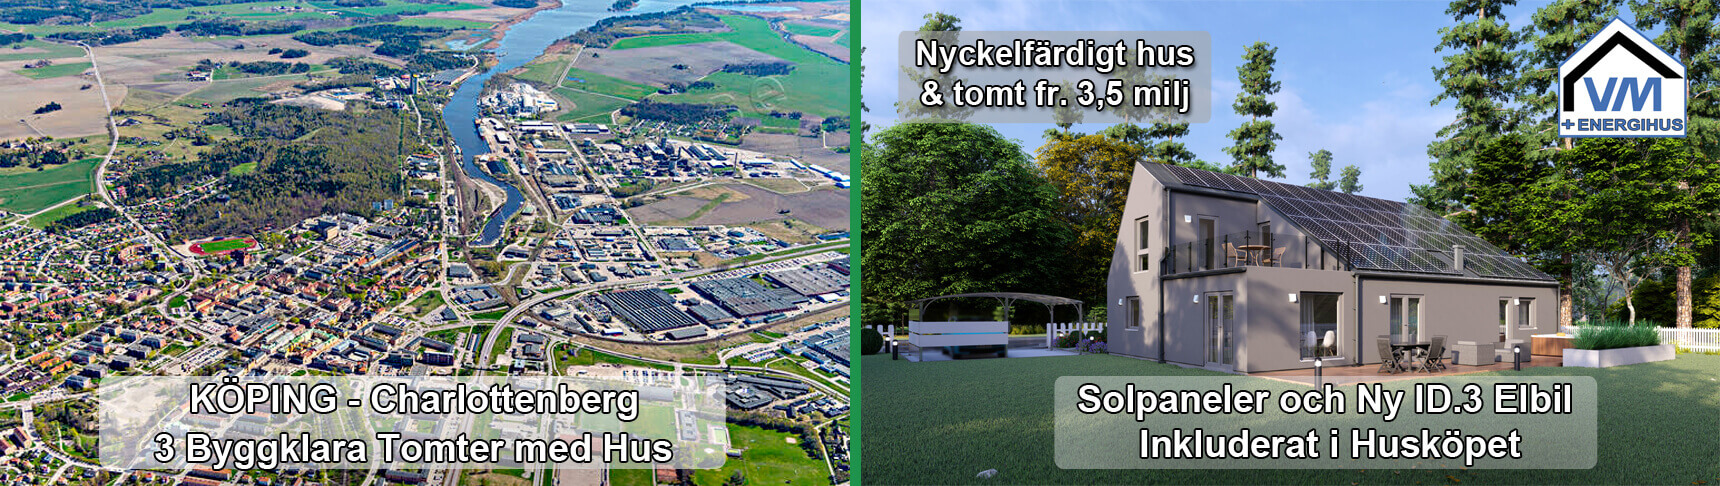 Köping-Charlottenberg-V2